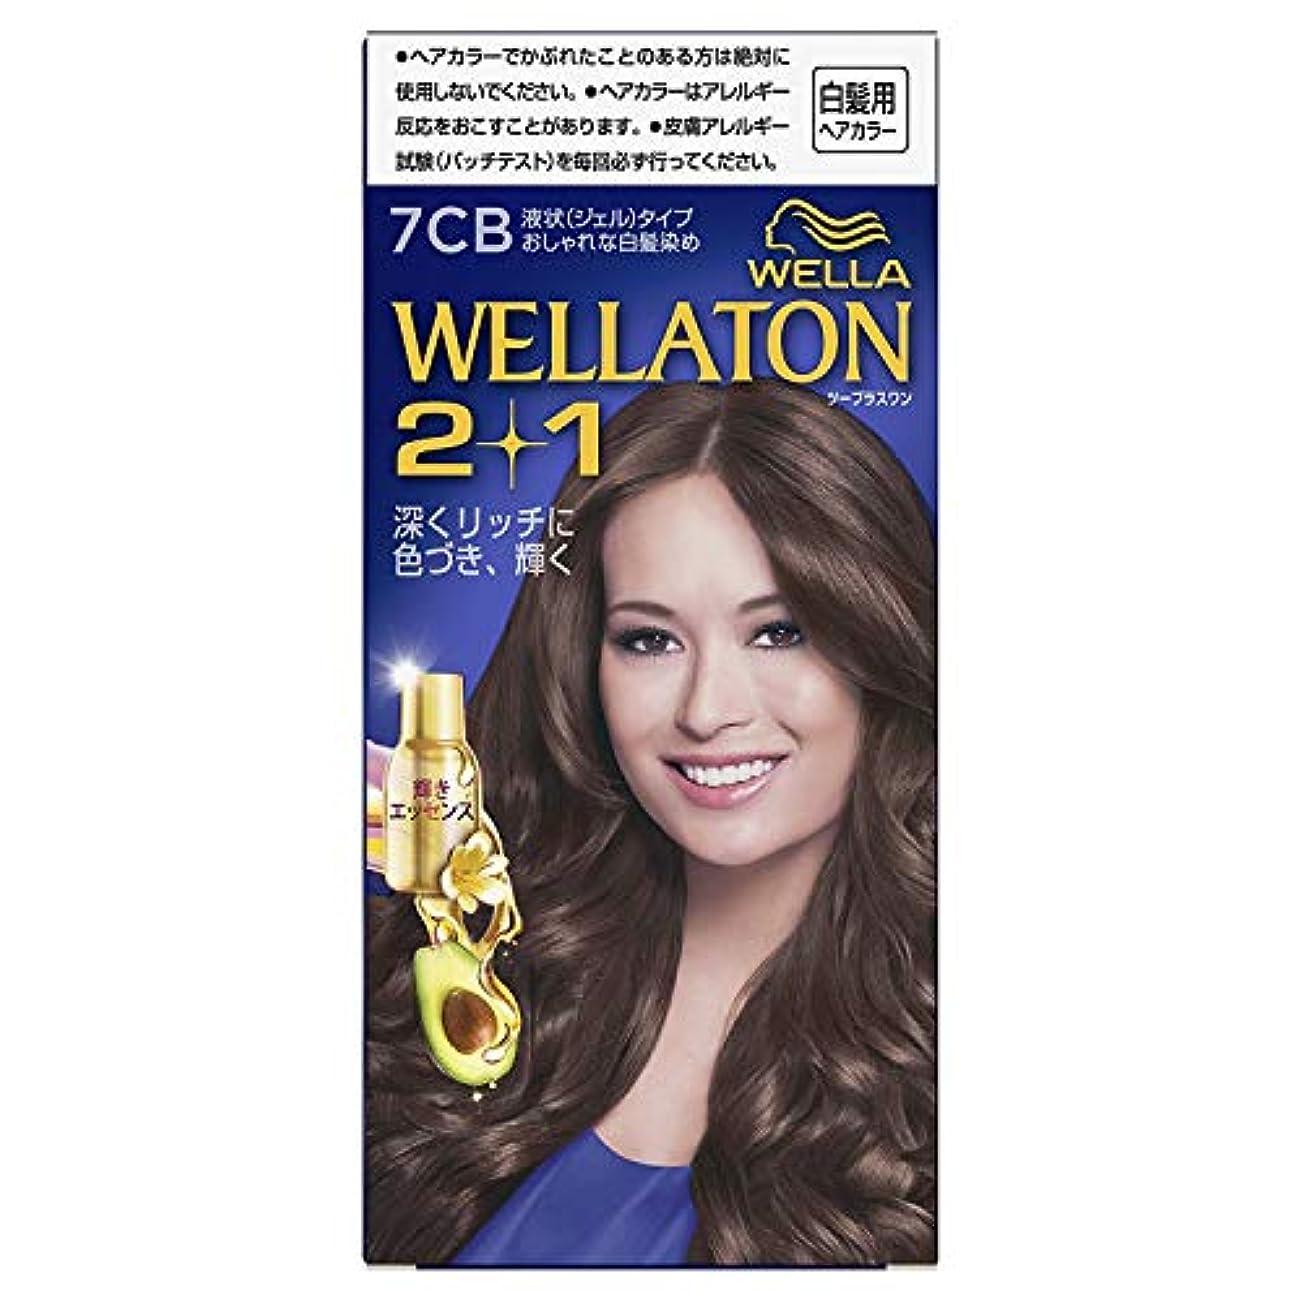 ウエラトーン2+1 液状タイプ 7CB [医薬部外品] ×6個